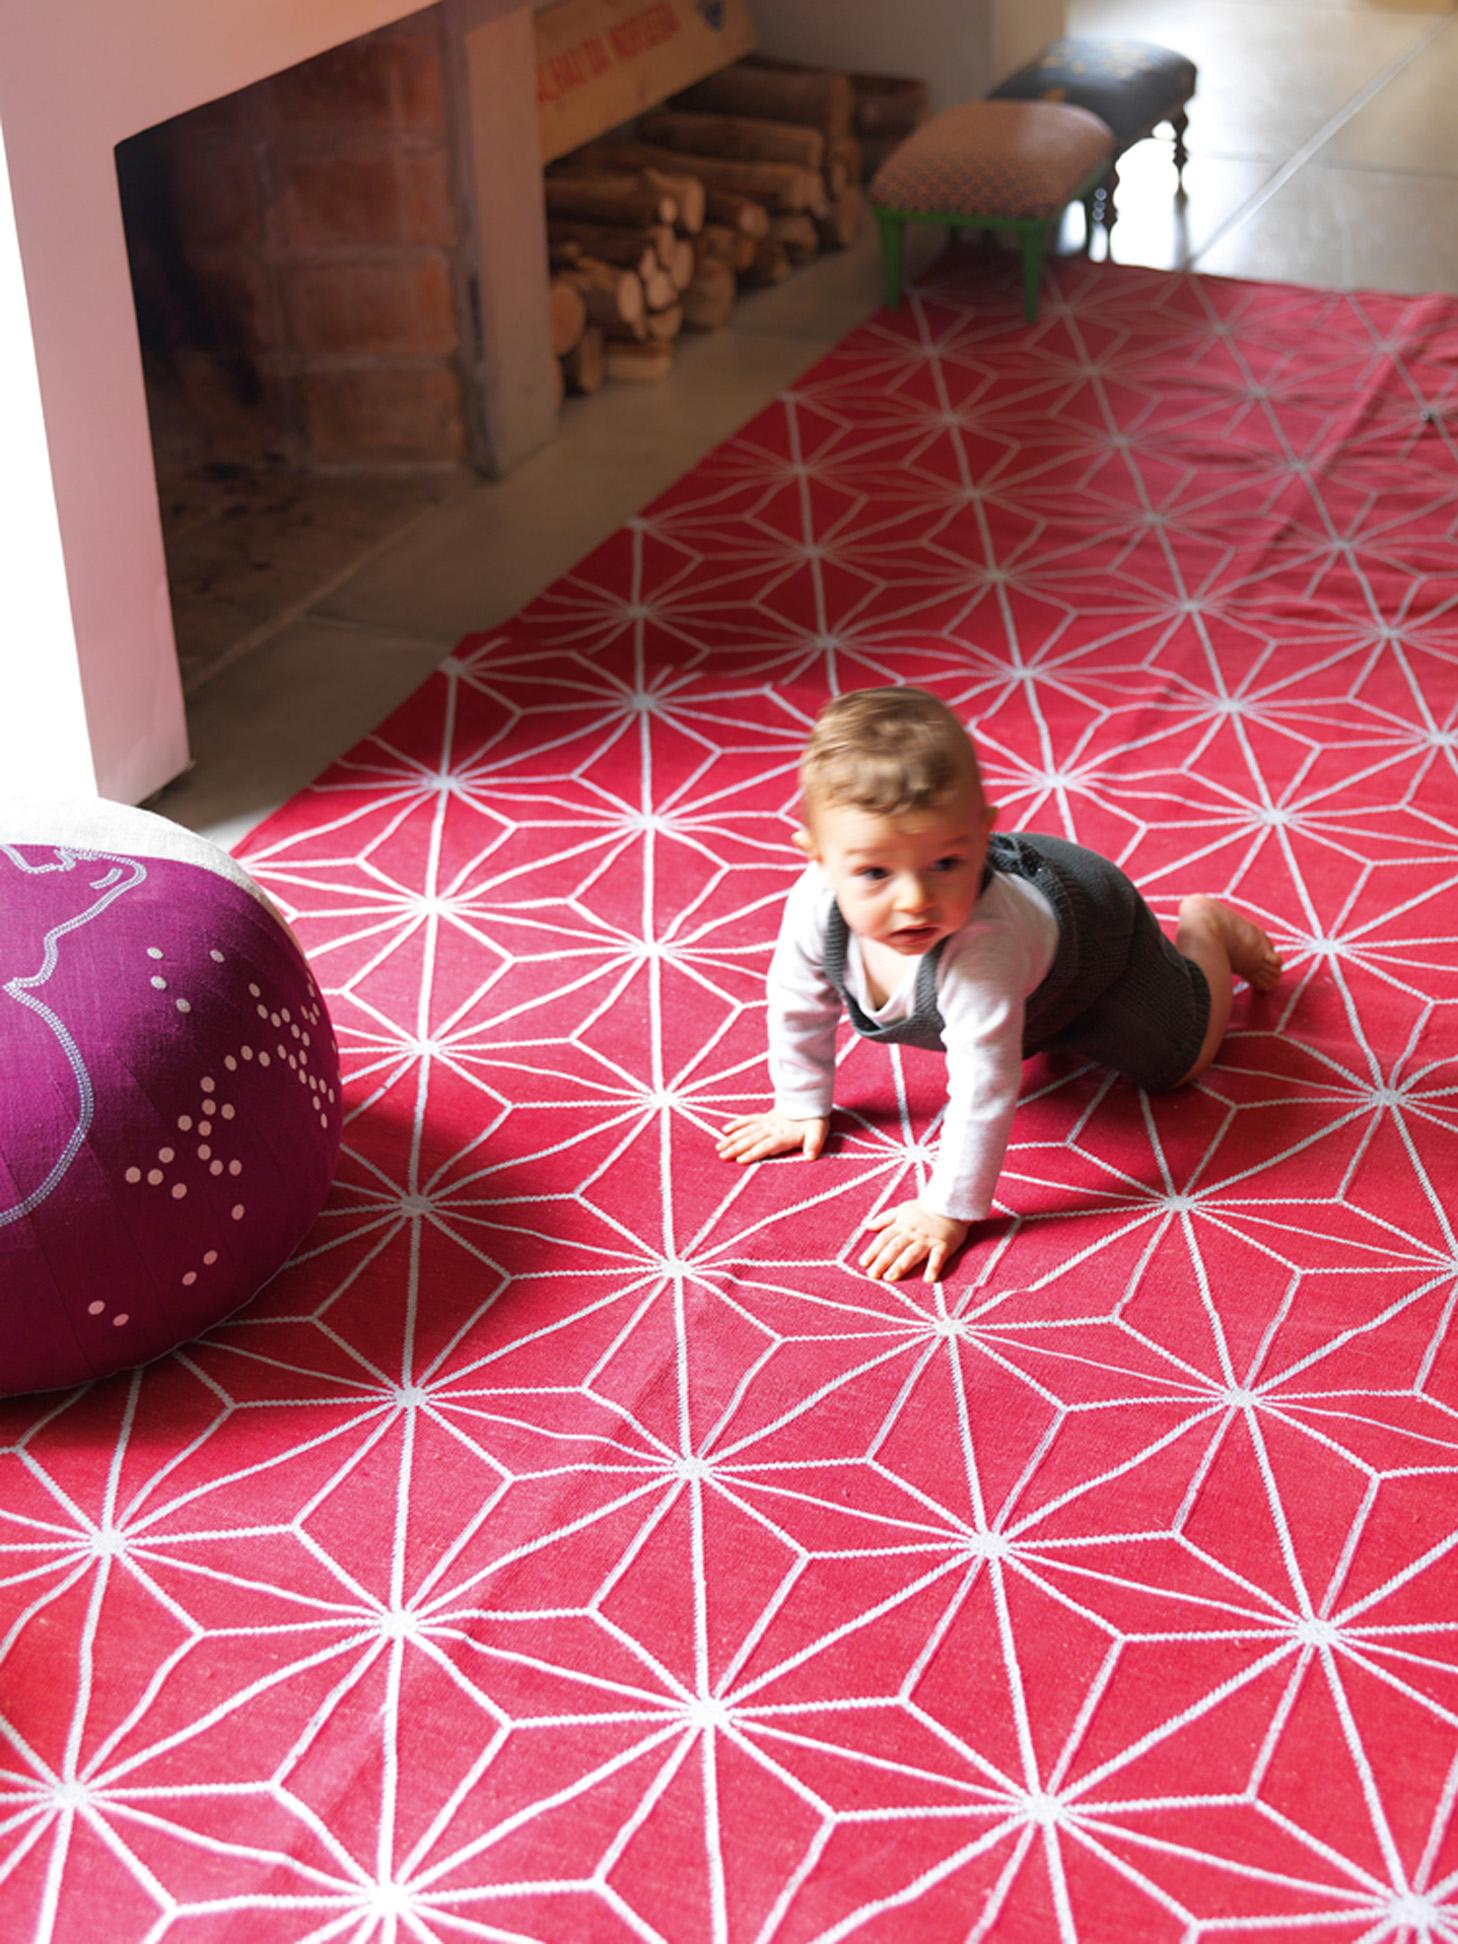 Grafismos: O caçula, Tom, engatinha no tapete da Square Foot, de Lina Miranda. O pufe é da Micasa